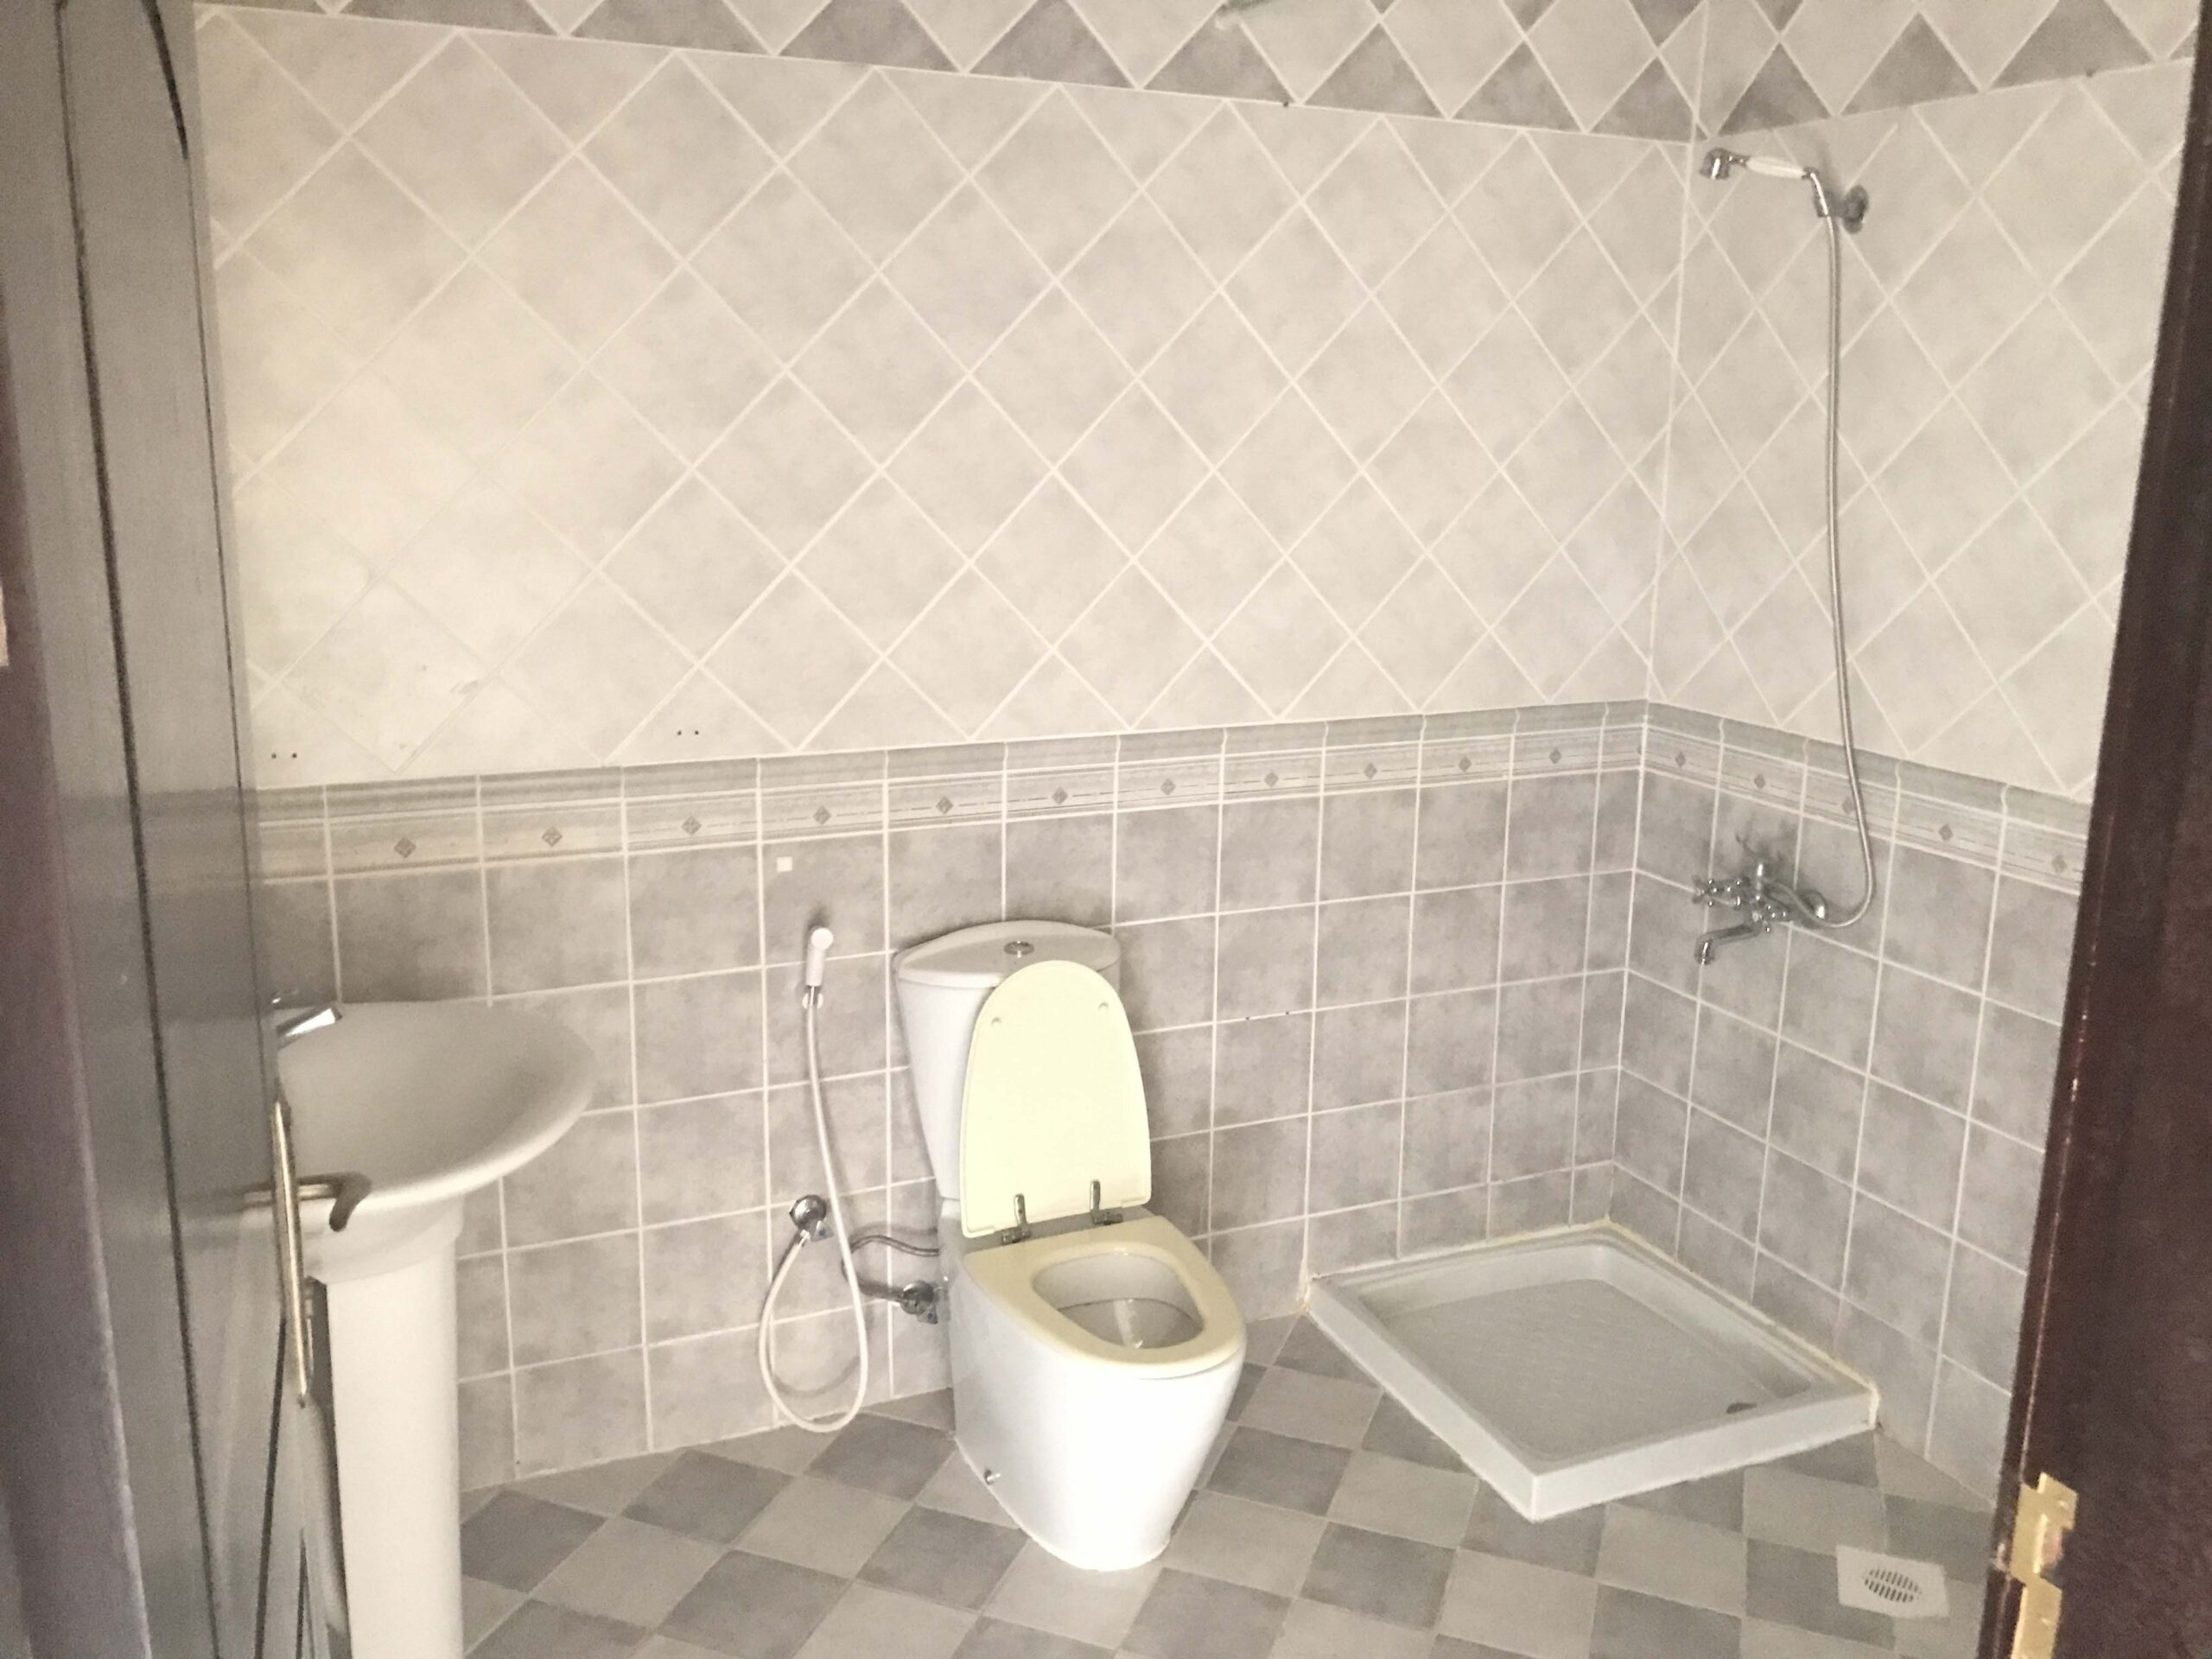 للإيجار شقة سكنية بمنطقة مدينة عيسى بالقرب من جامعة الخليج بقيمة الإيجار -/ 250 دينار بالشهر